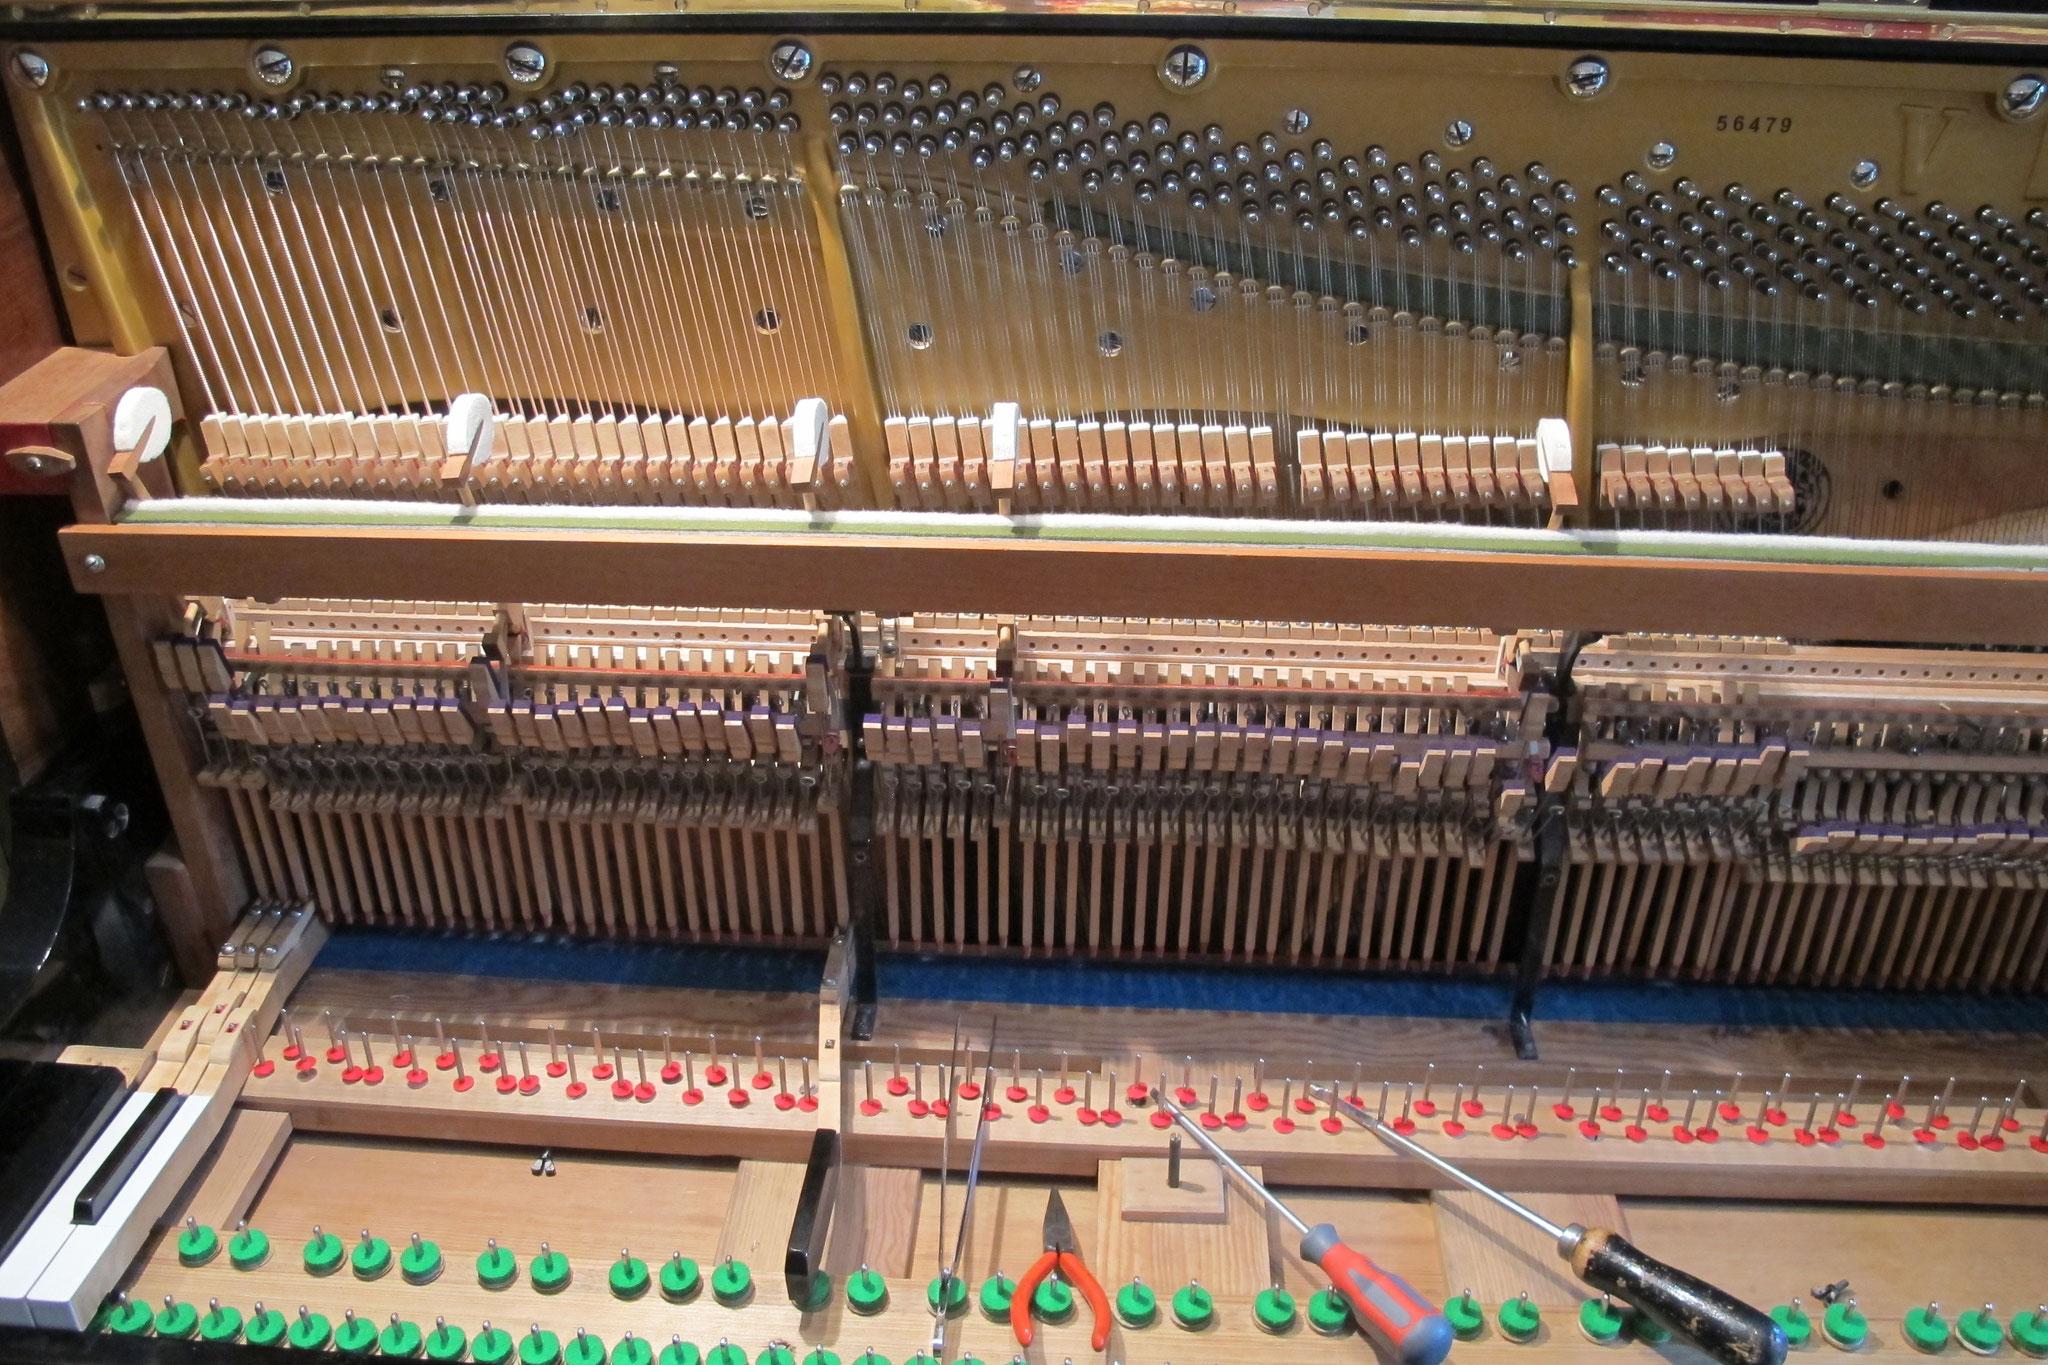 fertig eingeschraubte Klavierdämpfung